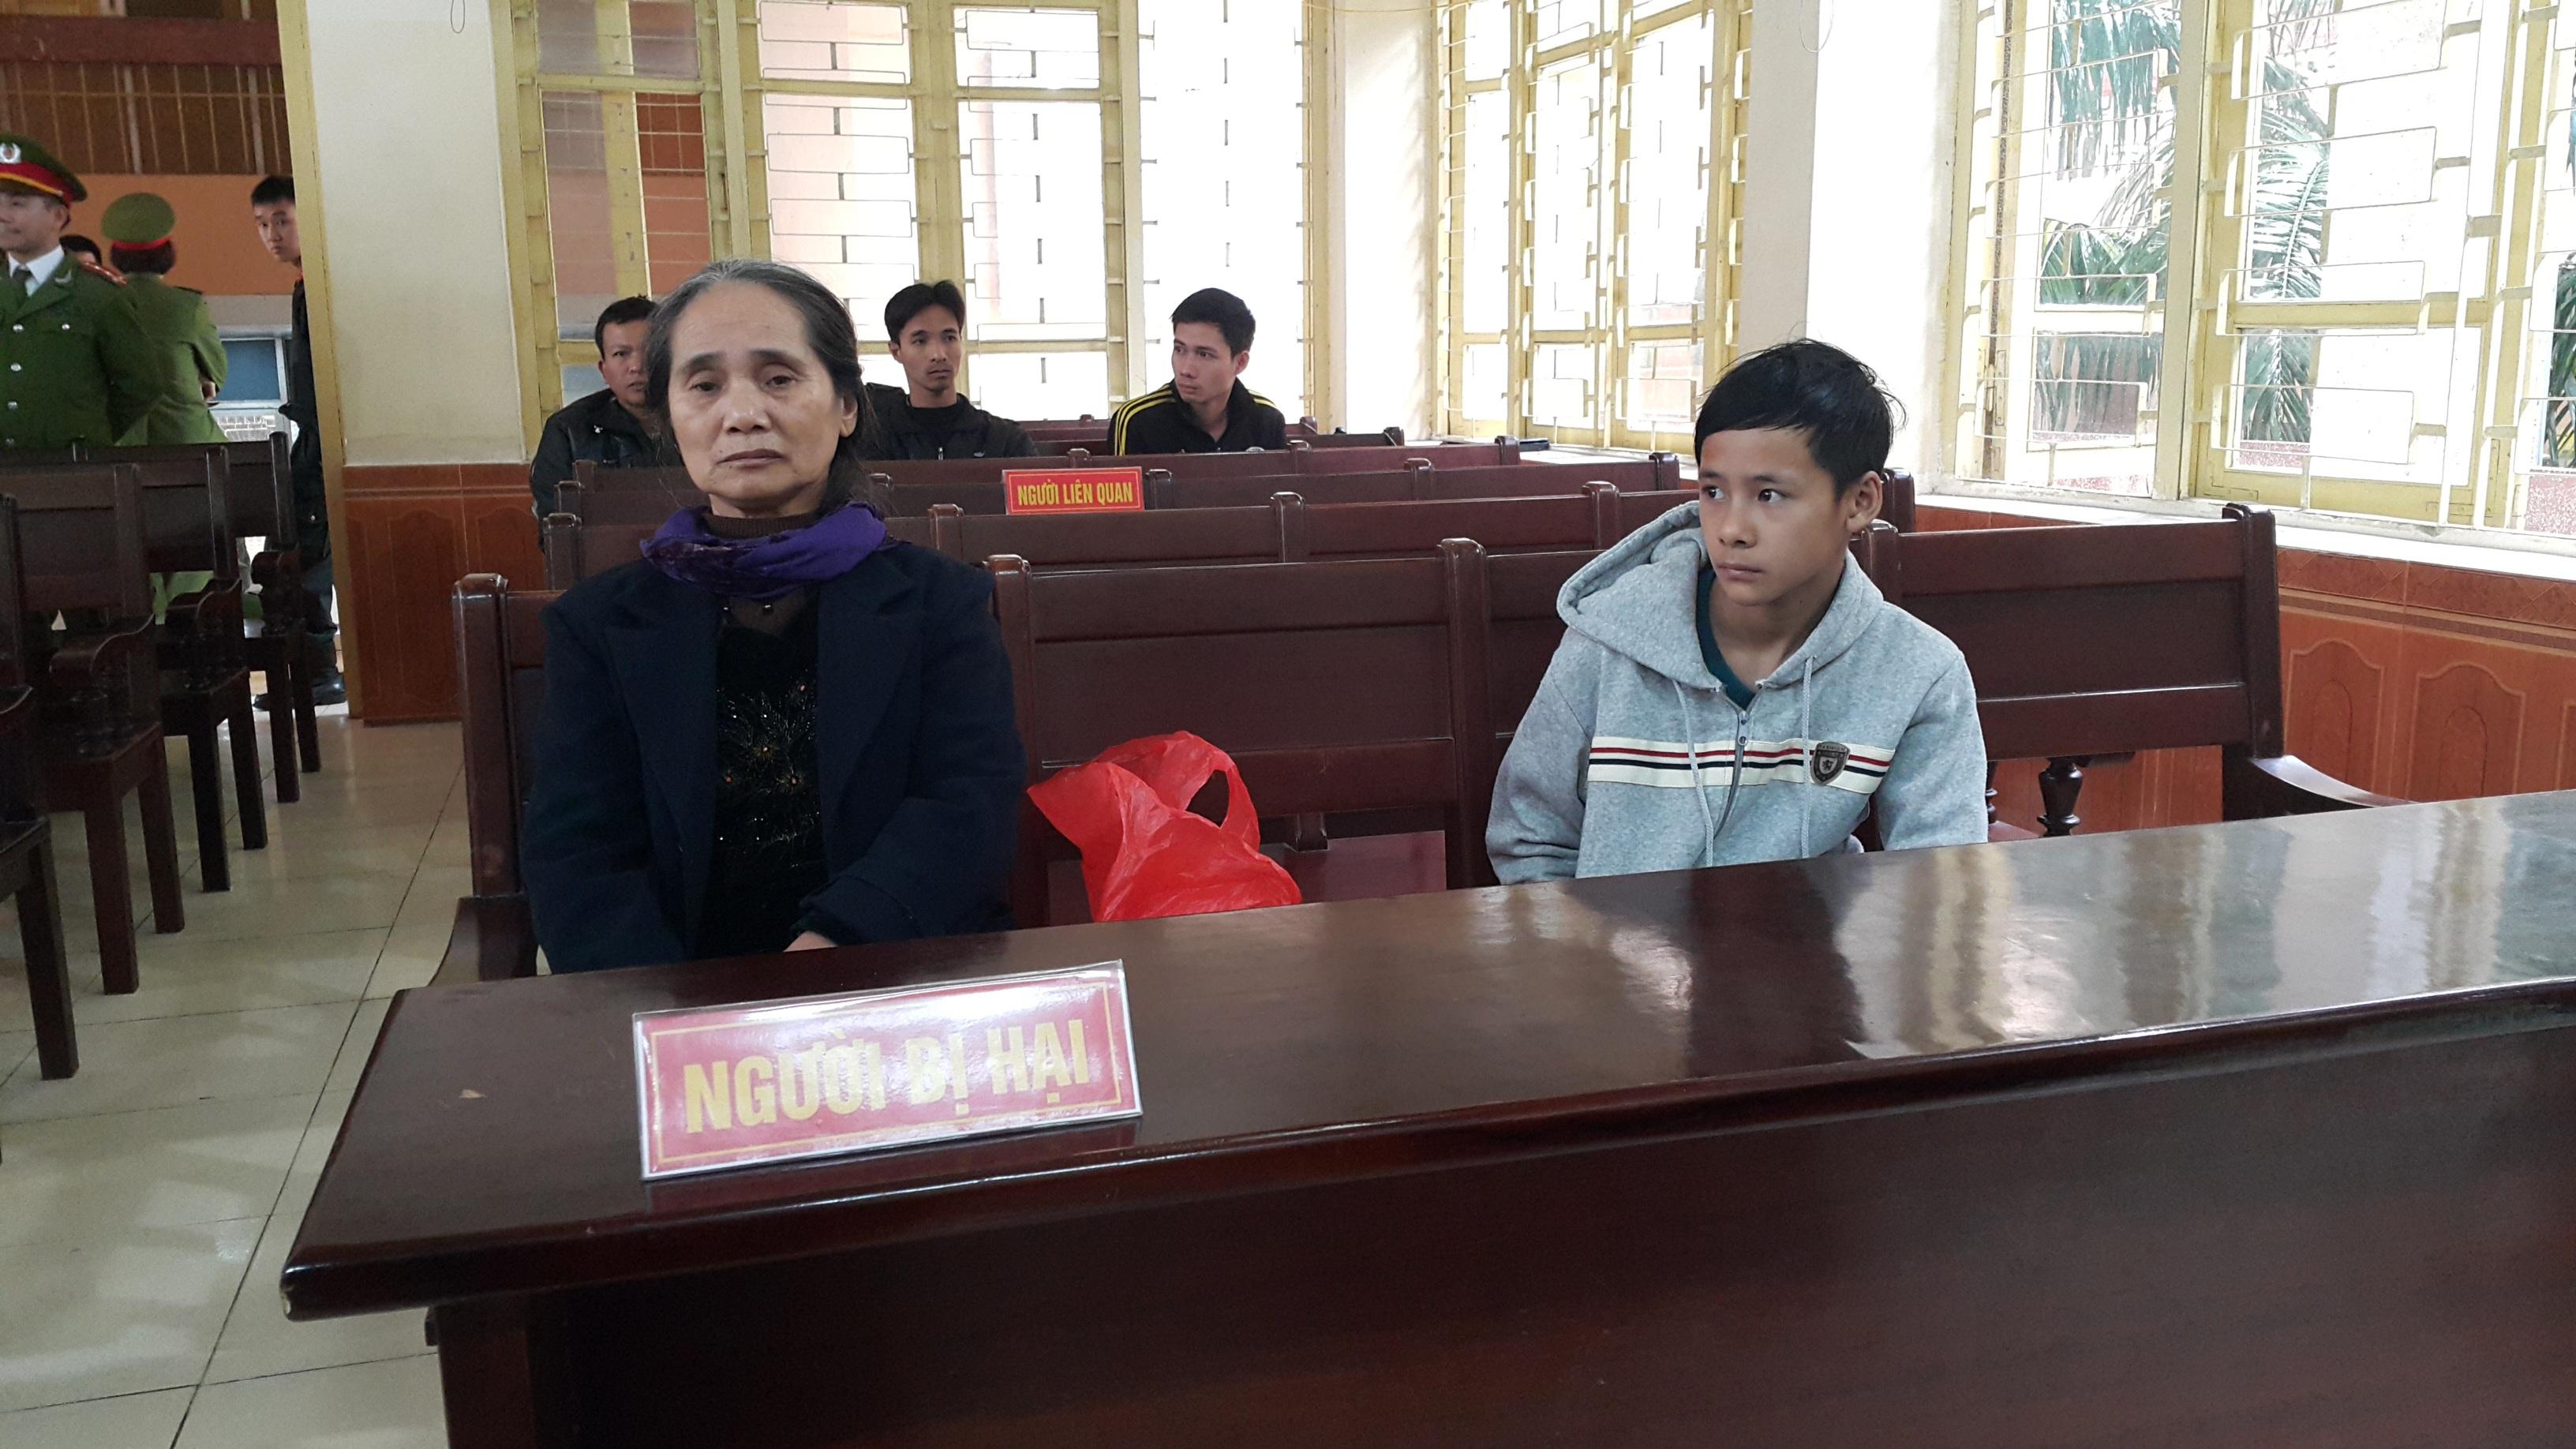 Bà Hoàng Thị Hội, đại diện bên bị hại trong vụ án.